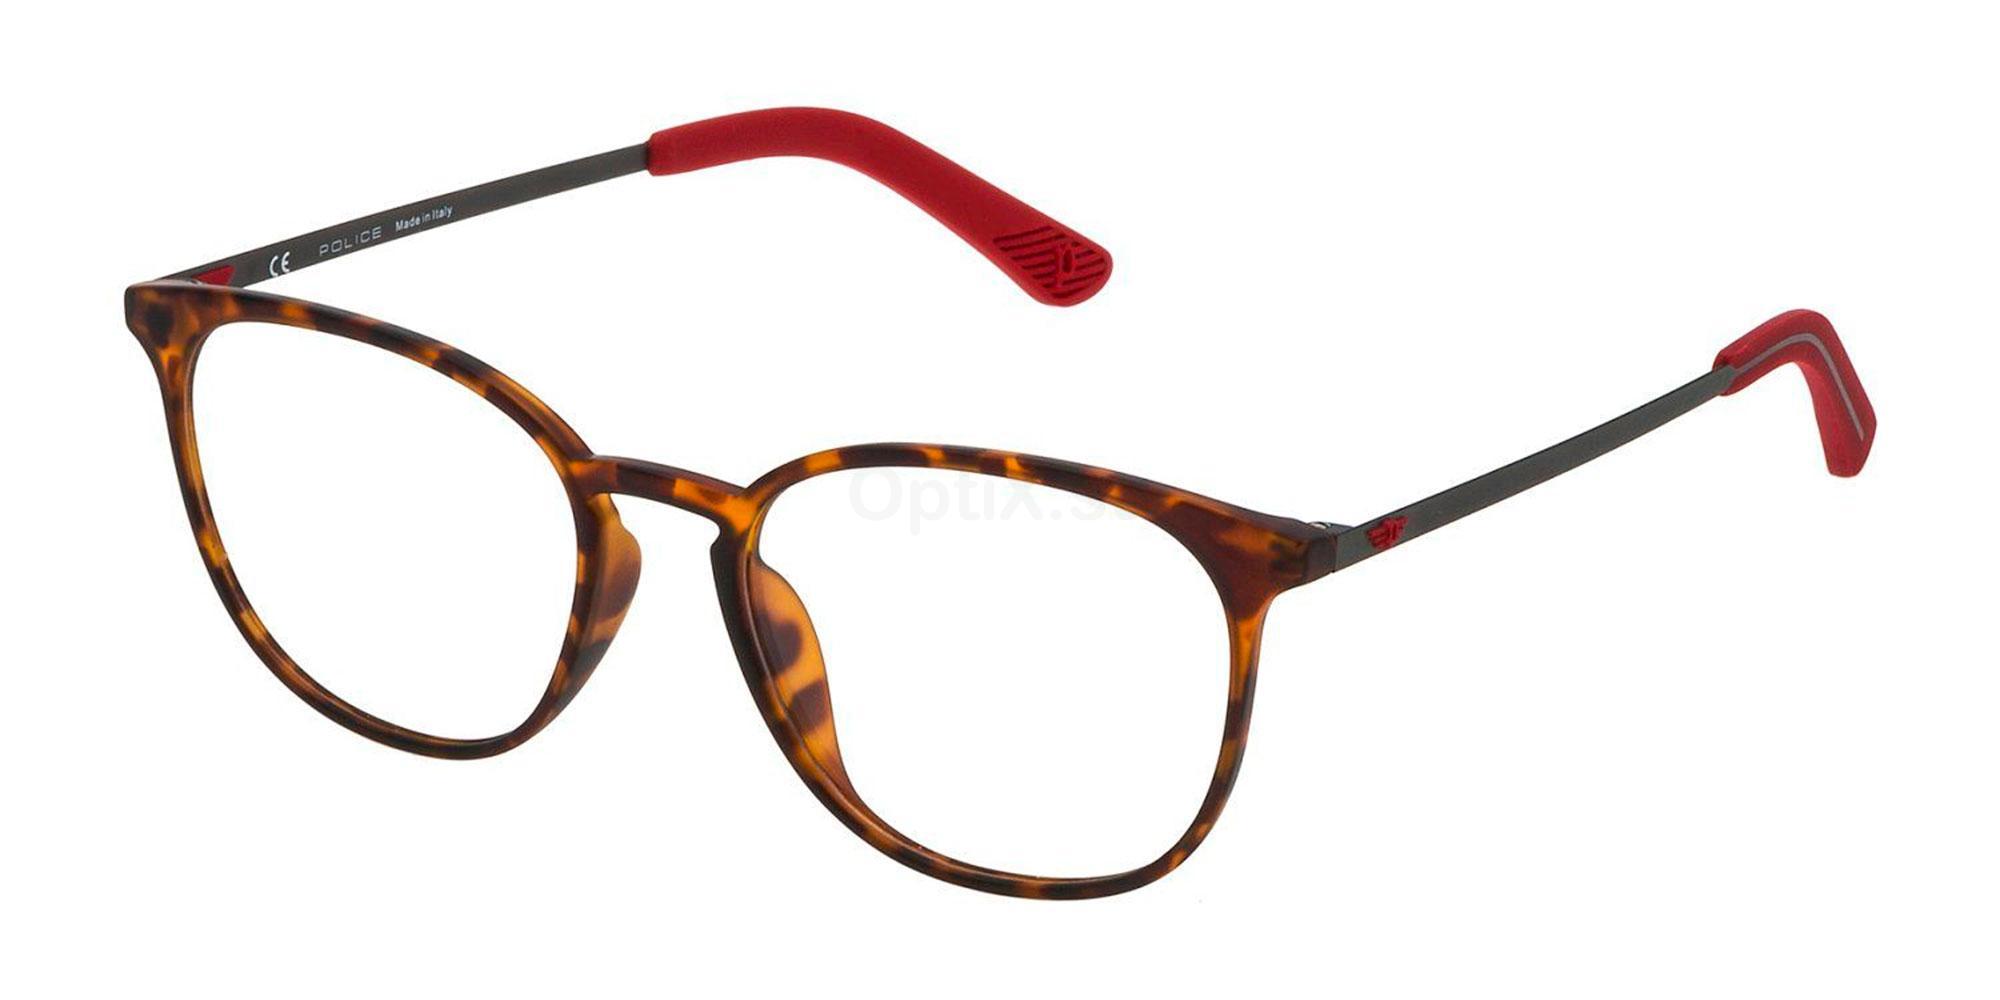 07VE VPL554 Glasses, Police